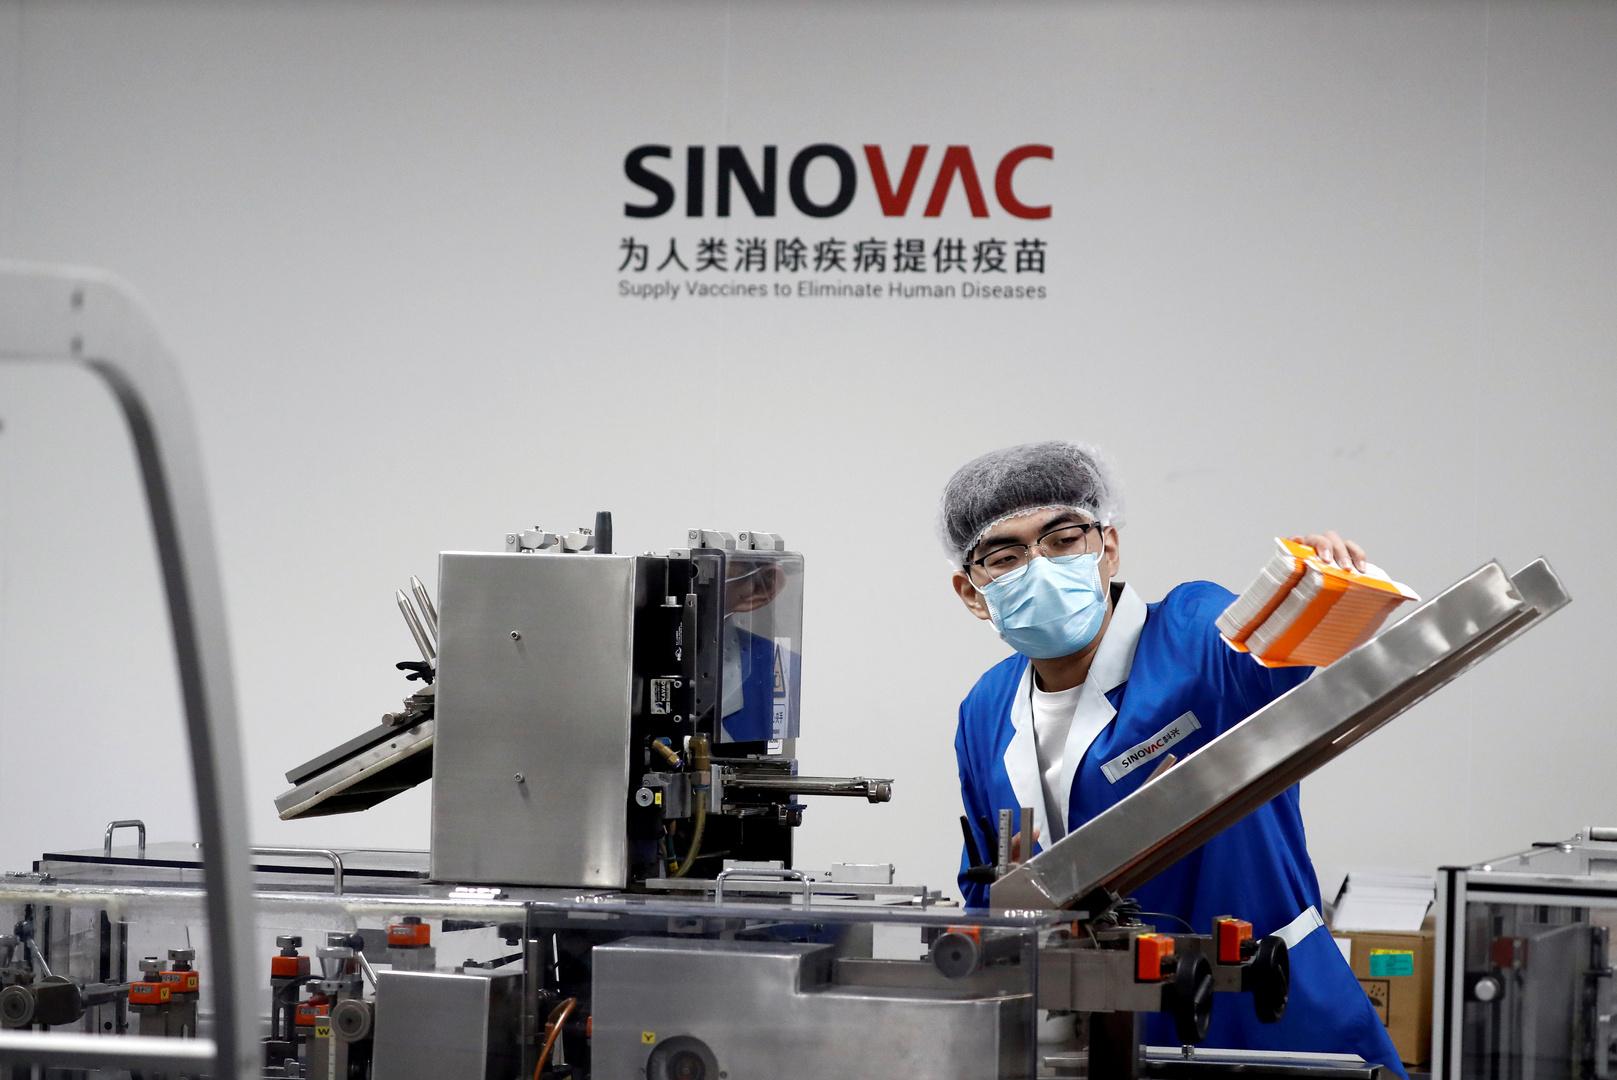 الصين تعلن عن تطوير لقاح قابل للاستخدام الطارئ في زمن جائحة كورونا